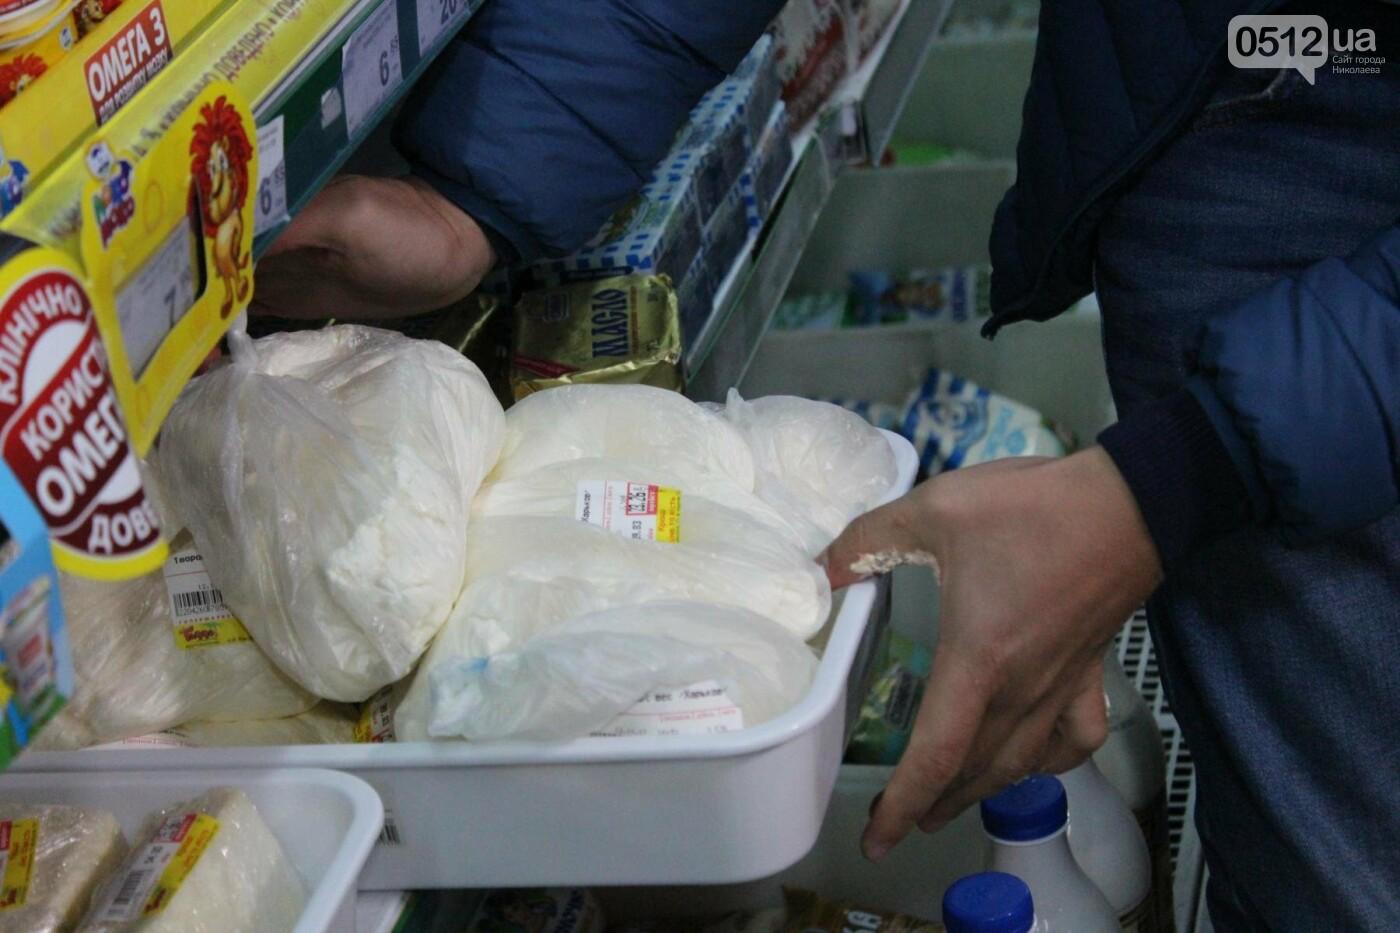 Проверка в супермаркетах: как николаевцам подсовывают испорченный товар (ФОТОРЕПОРТАЖ, ВИДЕО), фото-3